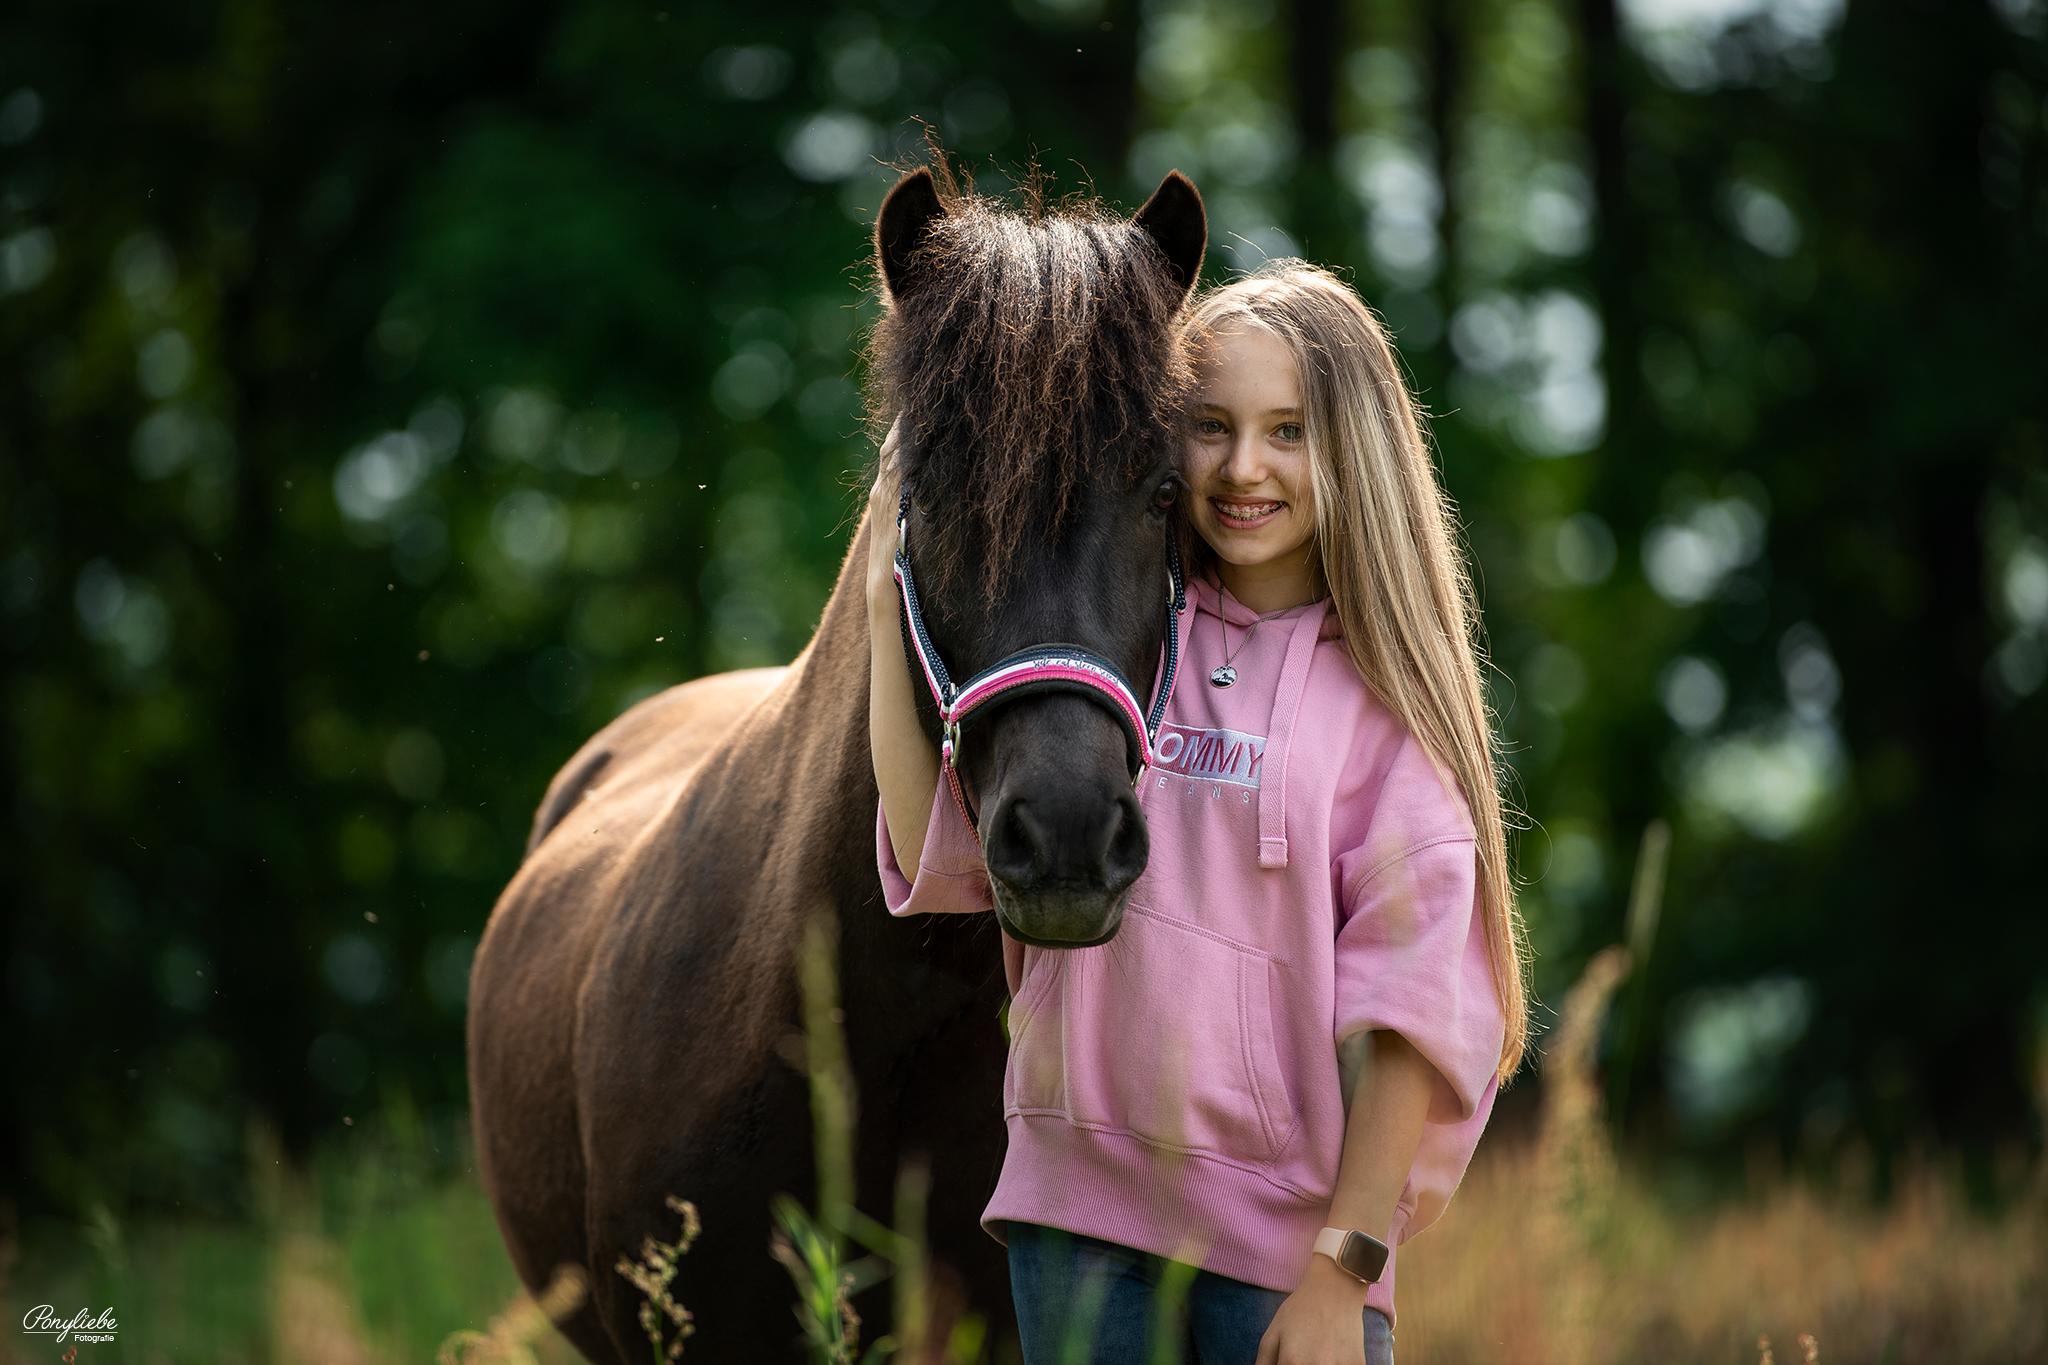 kleines mädchen und ihr pony - das muss liebe sein